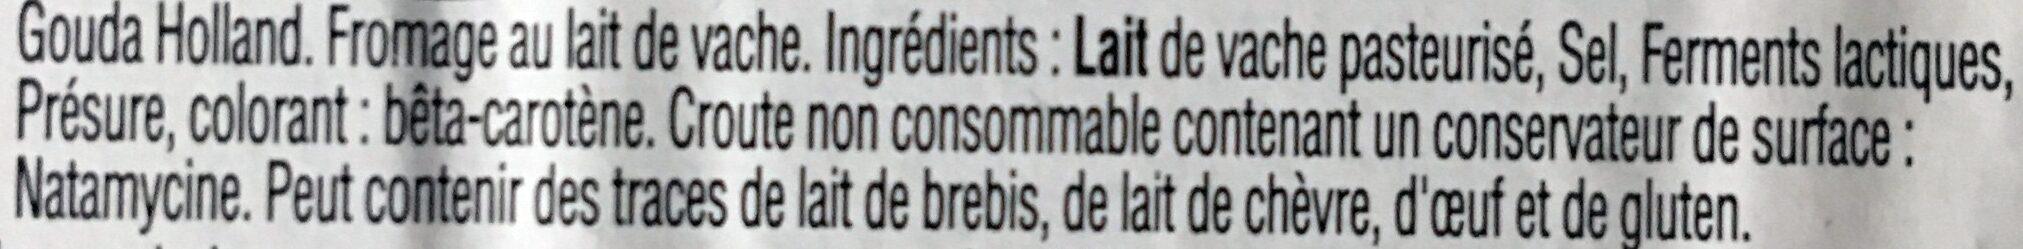 Apéritif Gouda affiné - Ingrediënten - fr